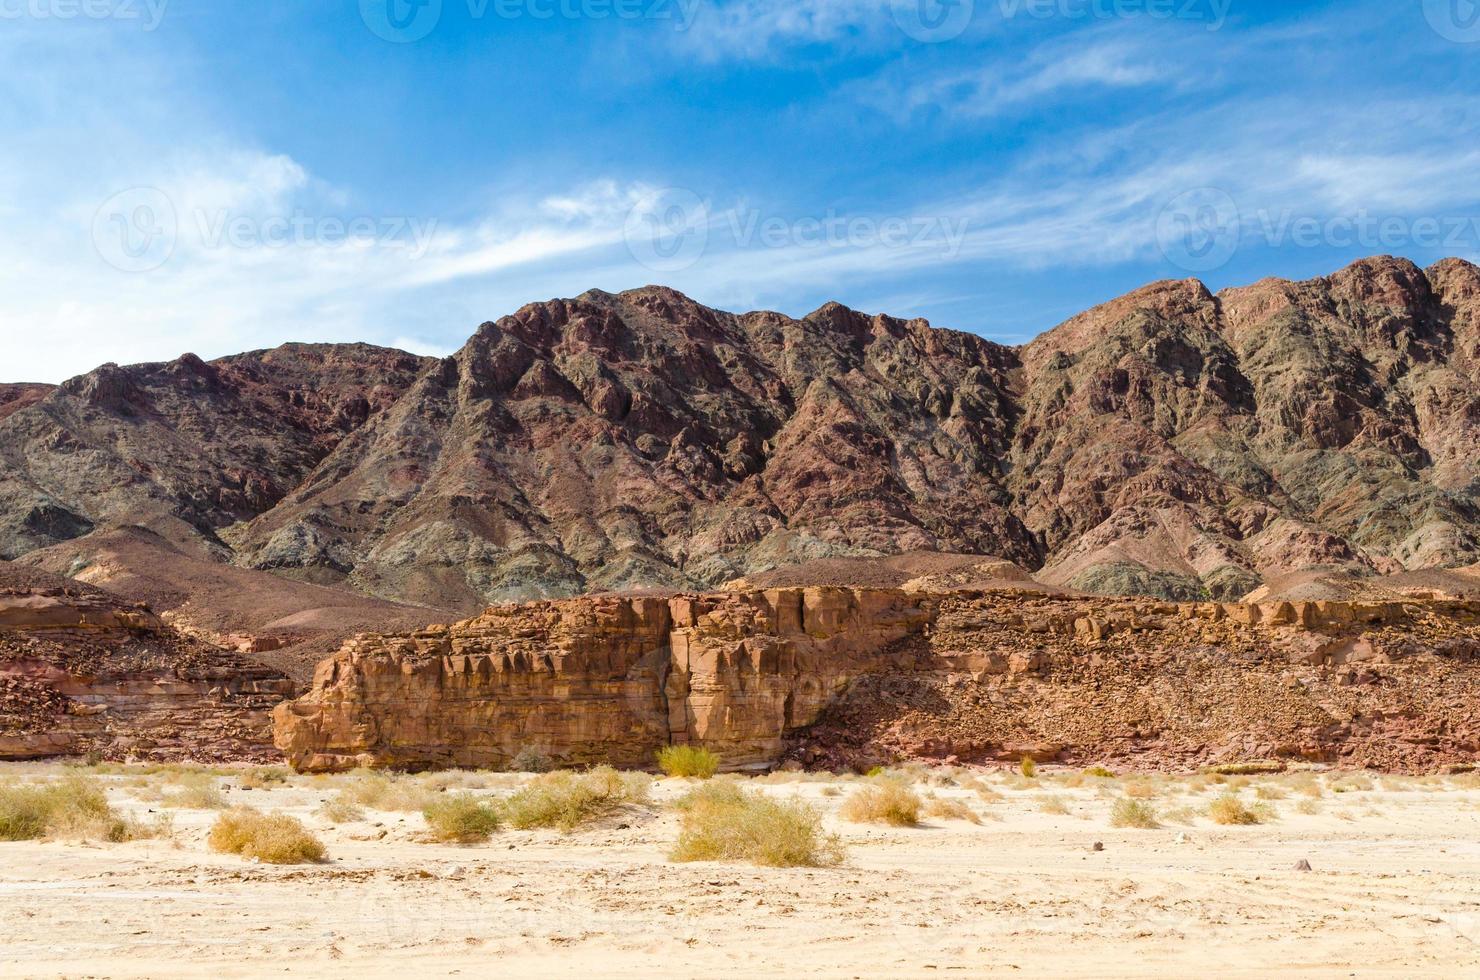 blauwe lucht boven een rotsachtige berg foto